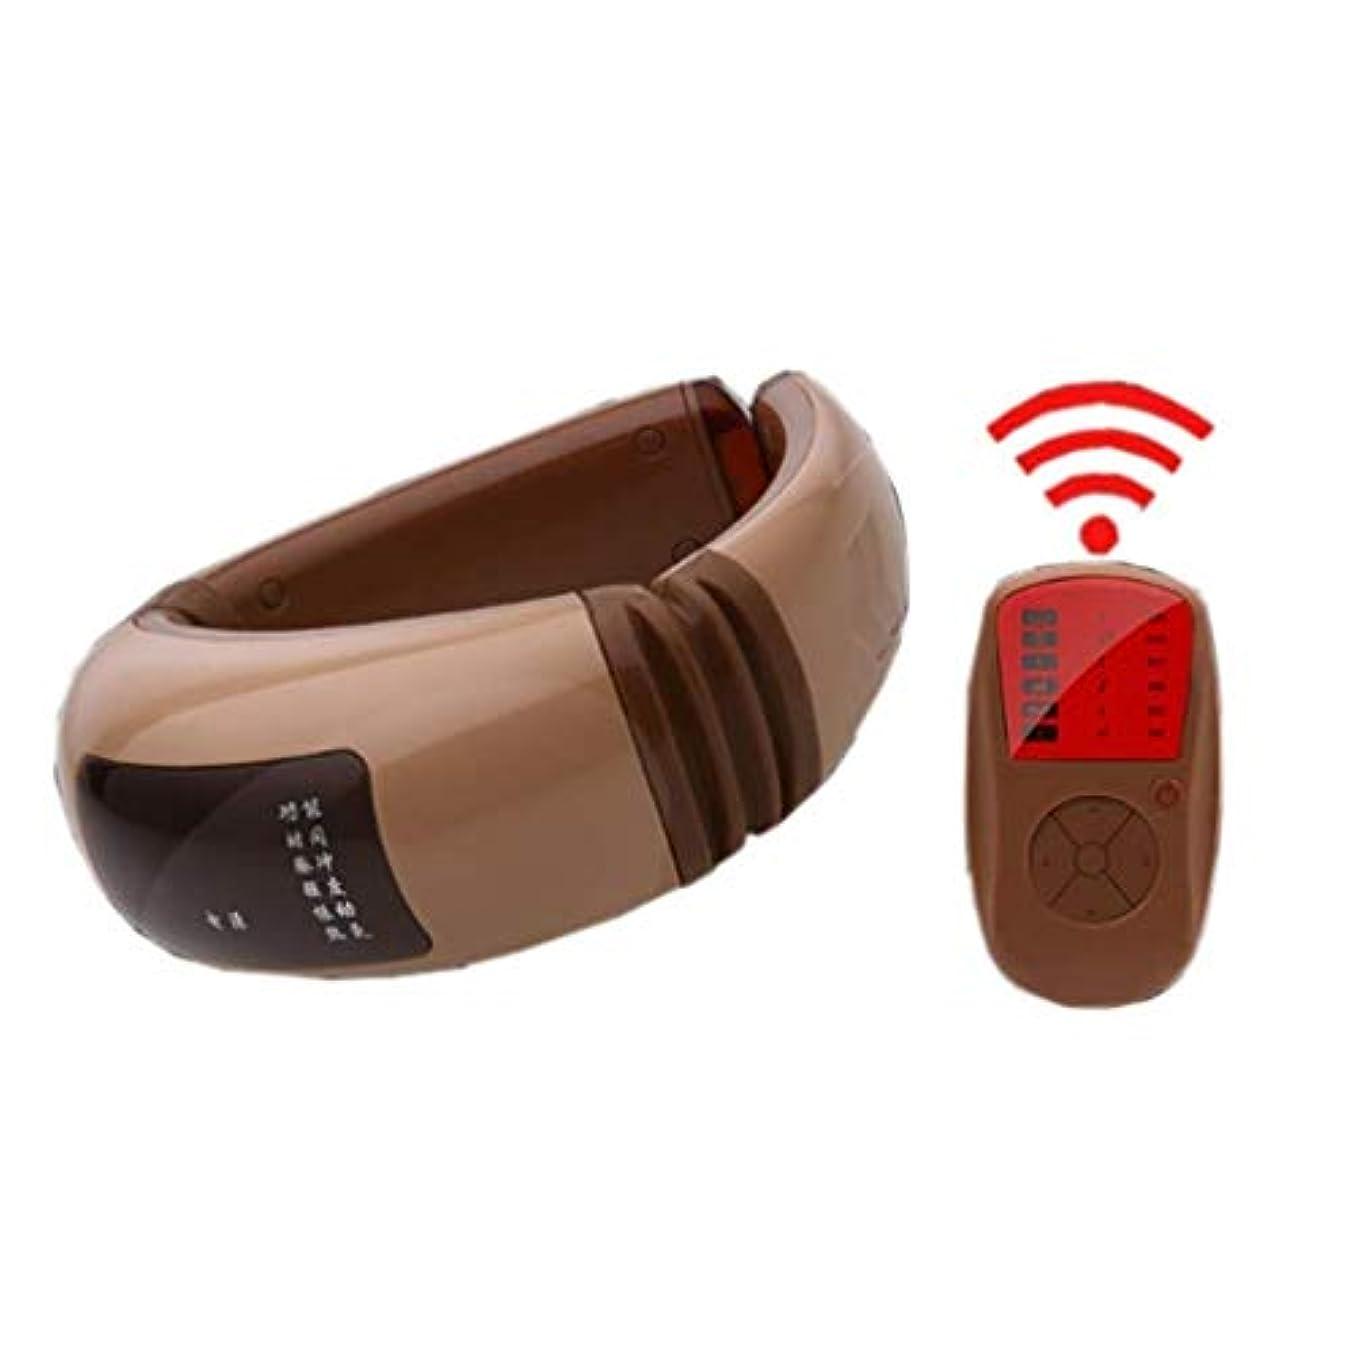 シェルター読む電球マッサージャー、ポータブルスマートネック振動マッサージャー、USB充電、デジタルディスプレイ、車のホームオフィスで使用